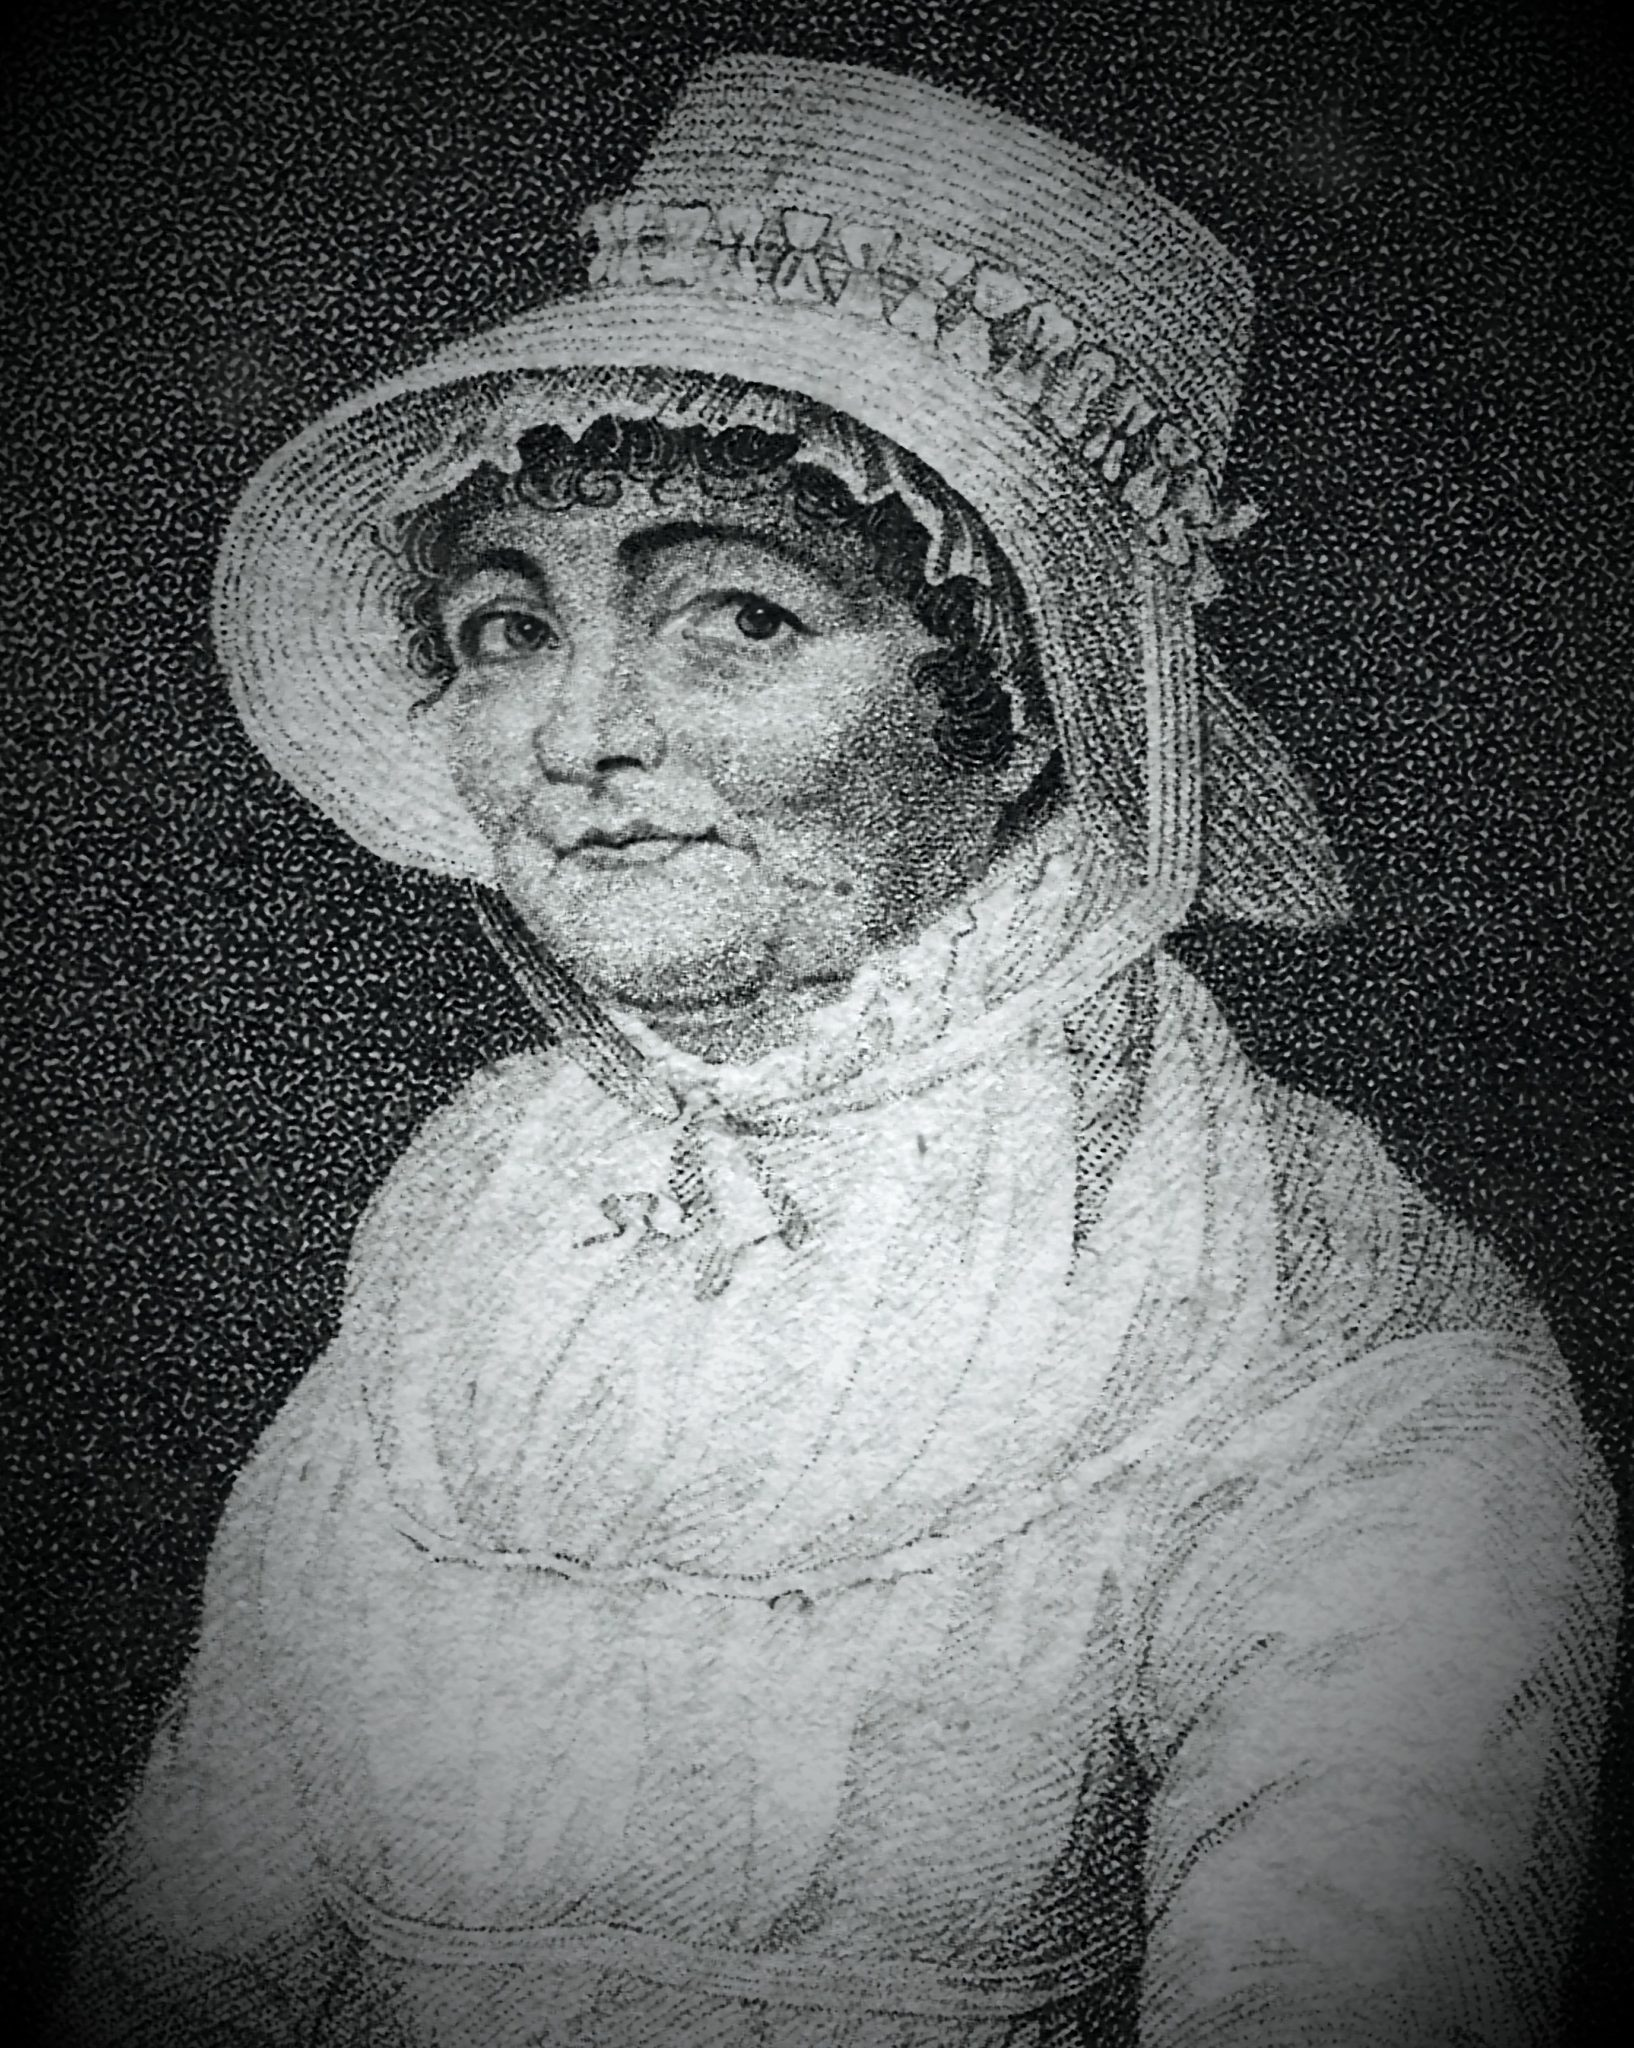 Joanna Southcott (1750 - 1814)